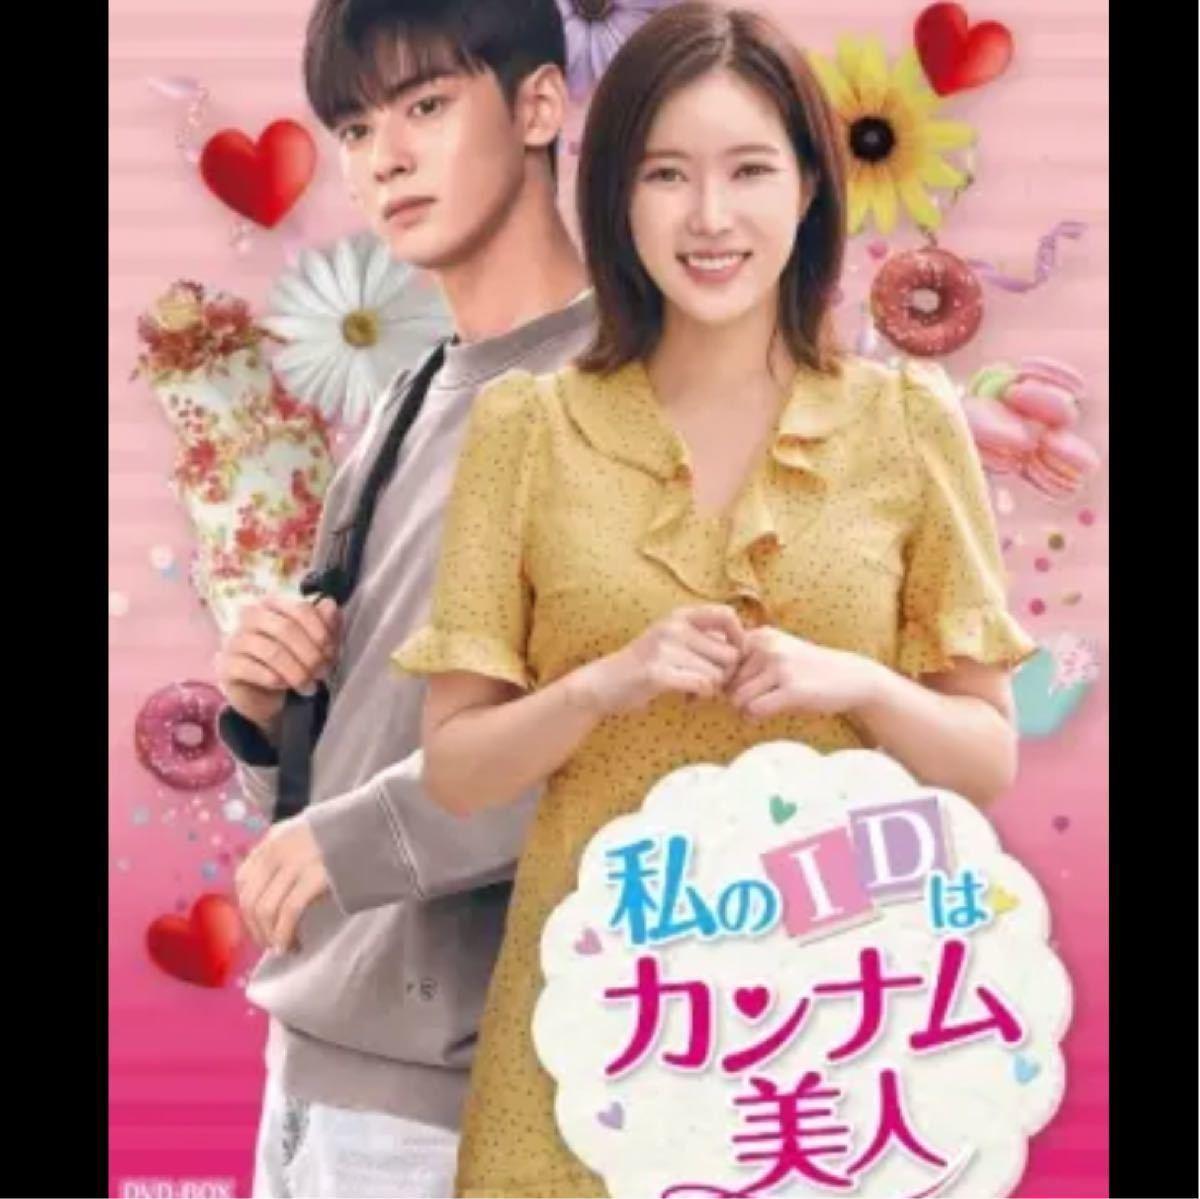 ☆韓国ドラマ☆『私のIDはカンナム美人』 Blu-ray   全話 クリアケース入り!